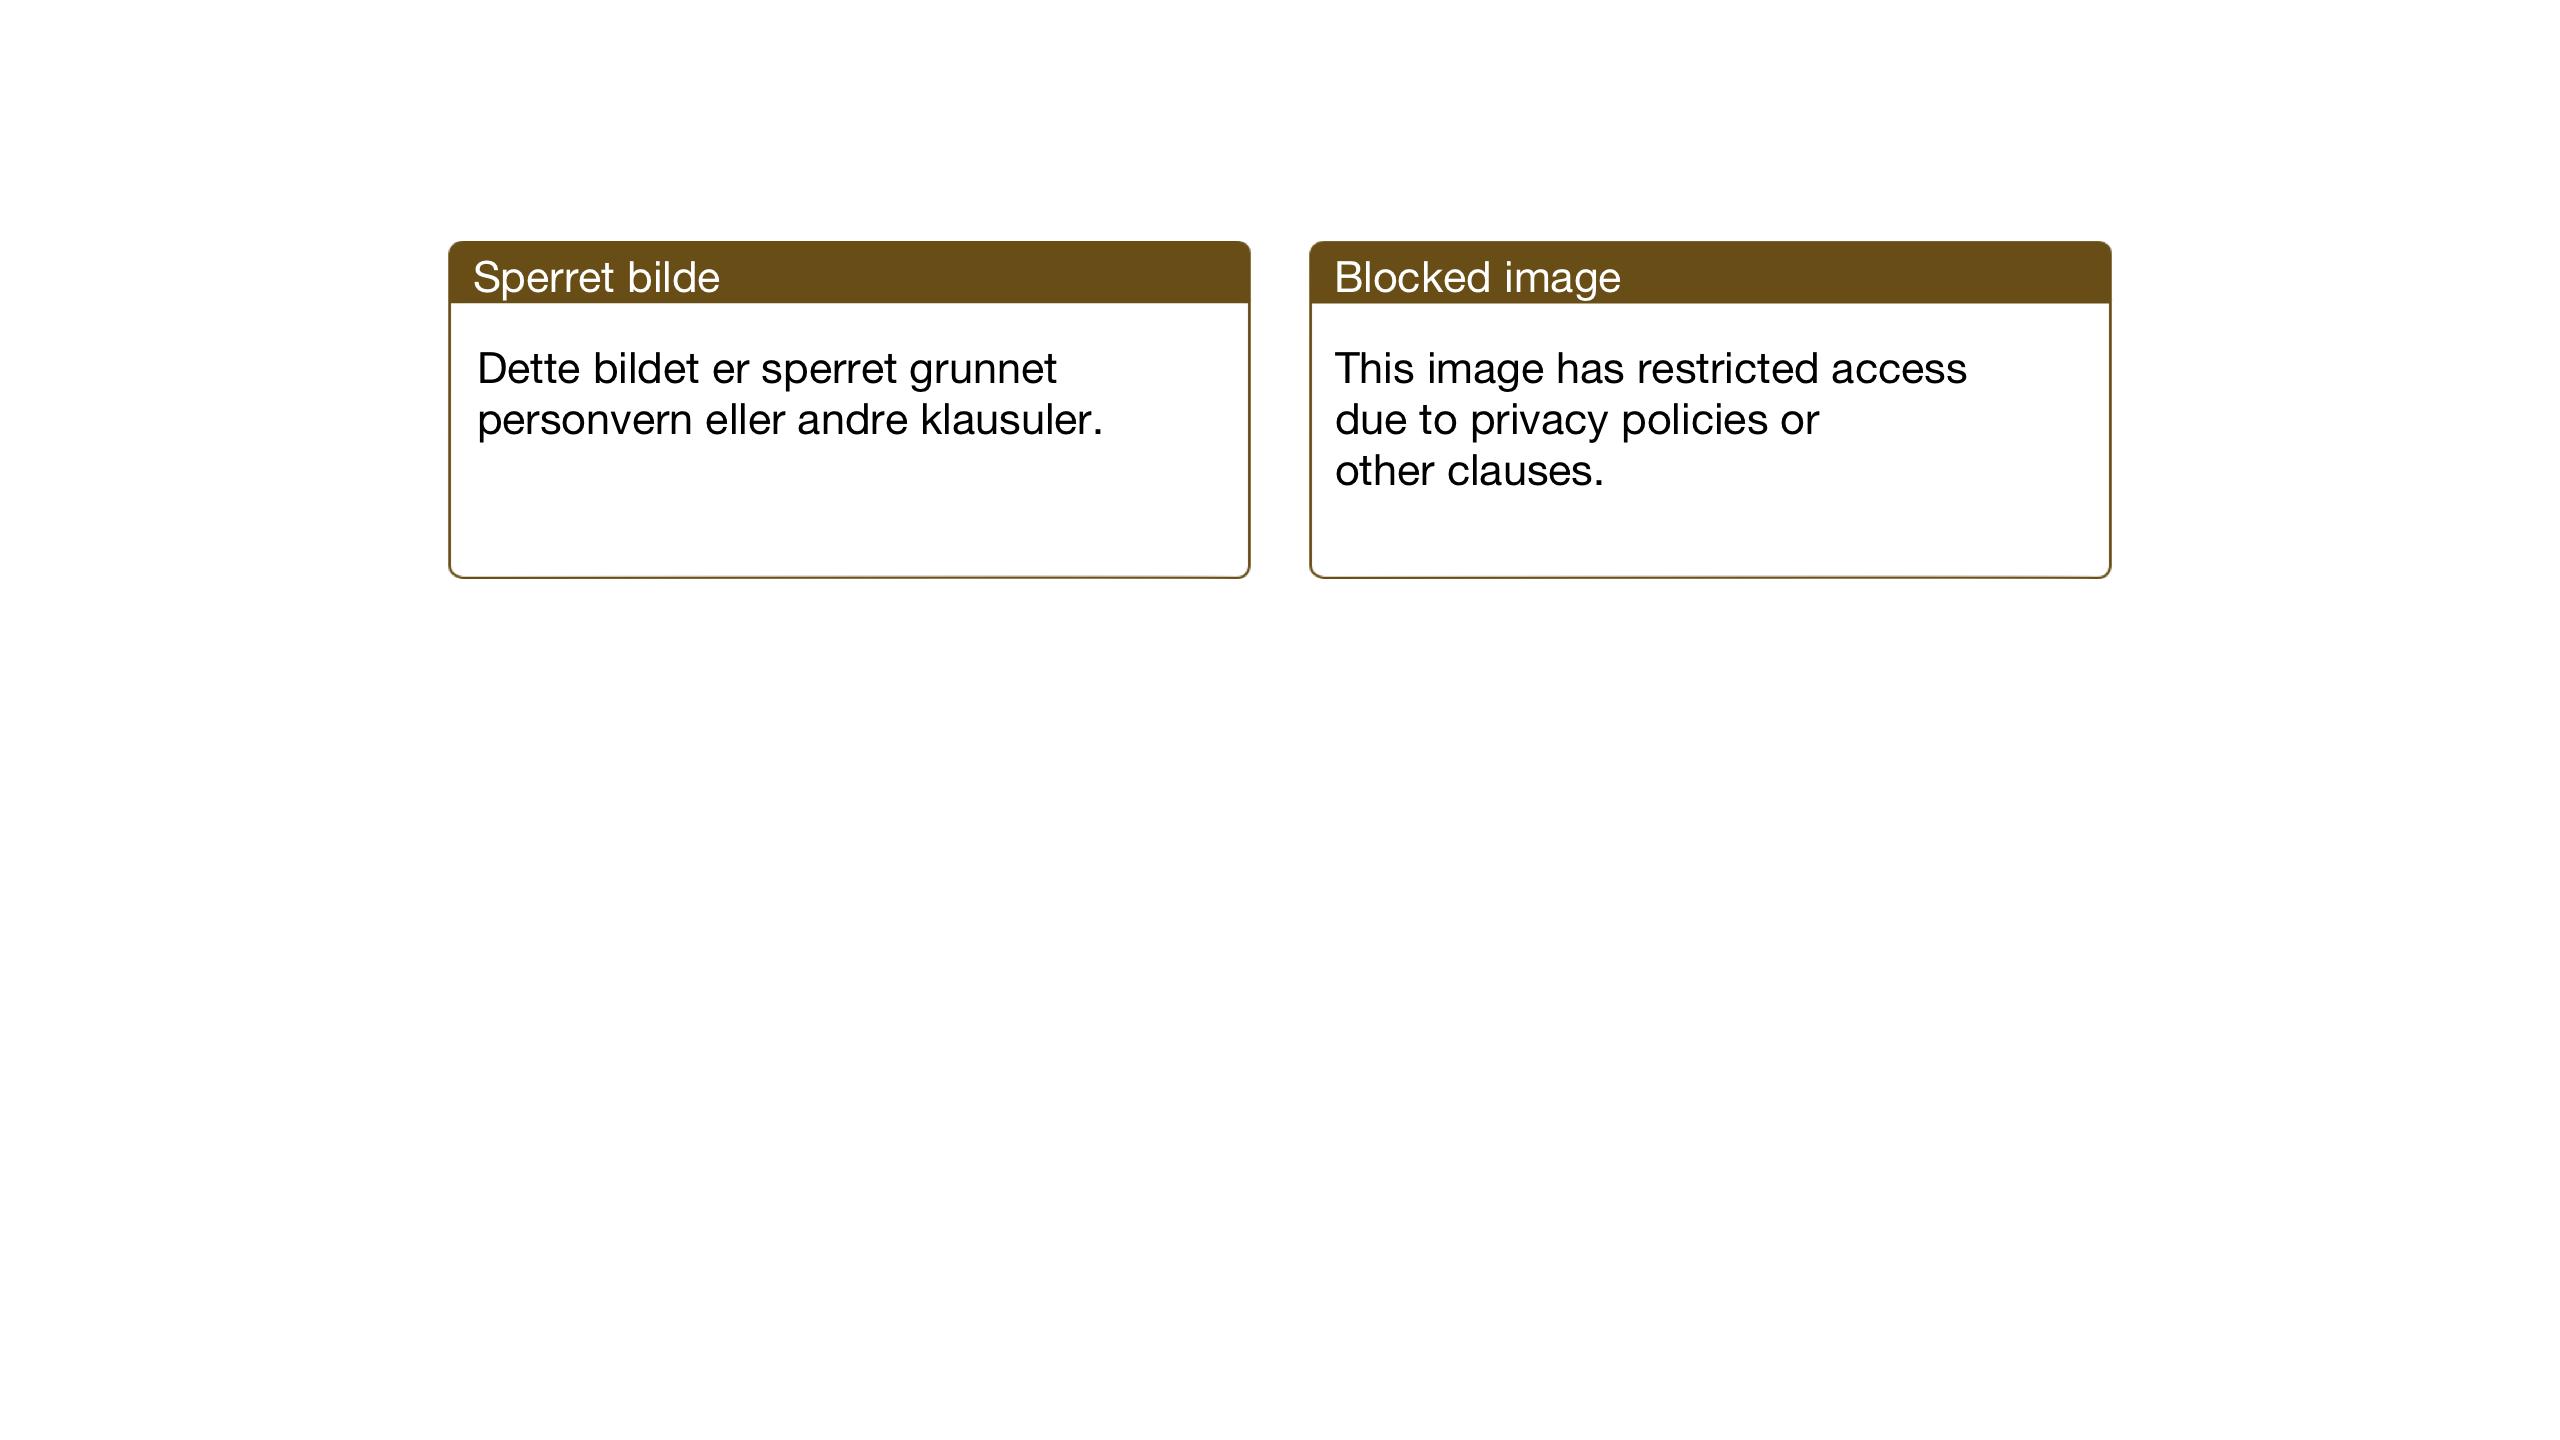 SAT, Ministerialprotokoller, klokkerbøker og fødselsregistre - Sør-Trøndelag, 674/L0878: Klokkerbok nr. 674C05, 1941-1950, s. 53